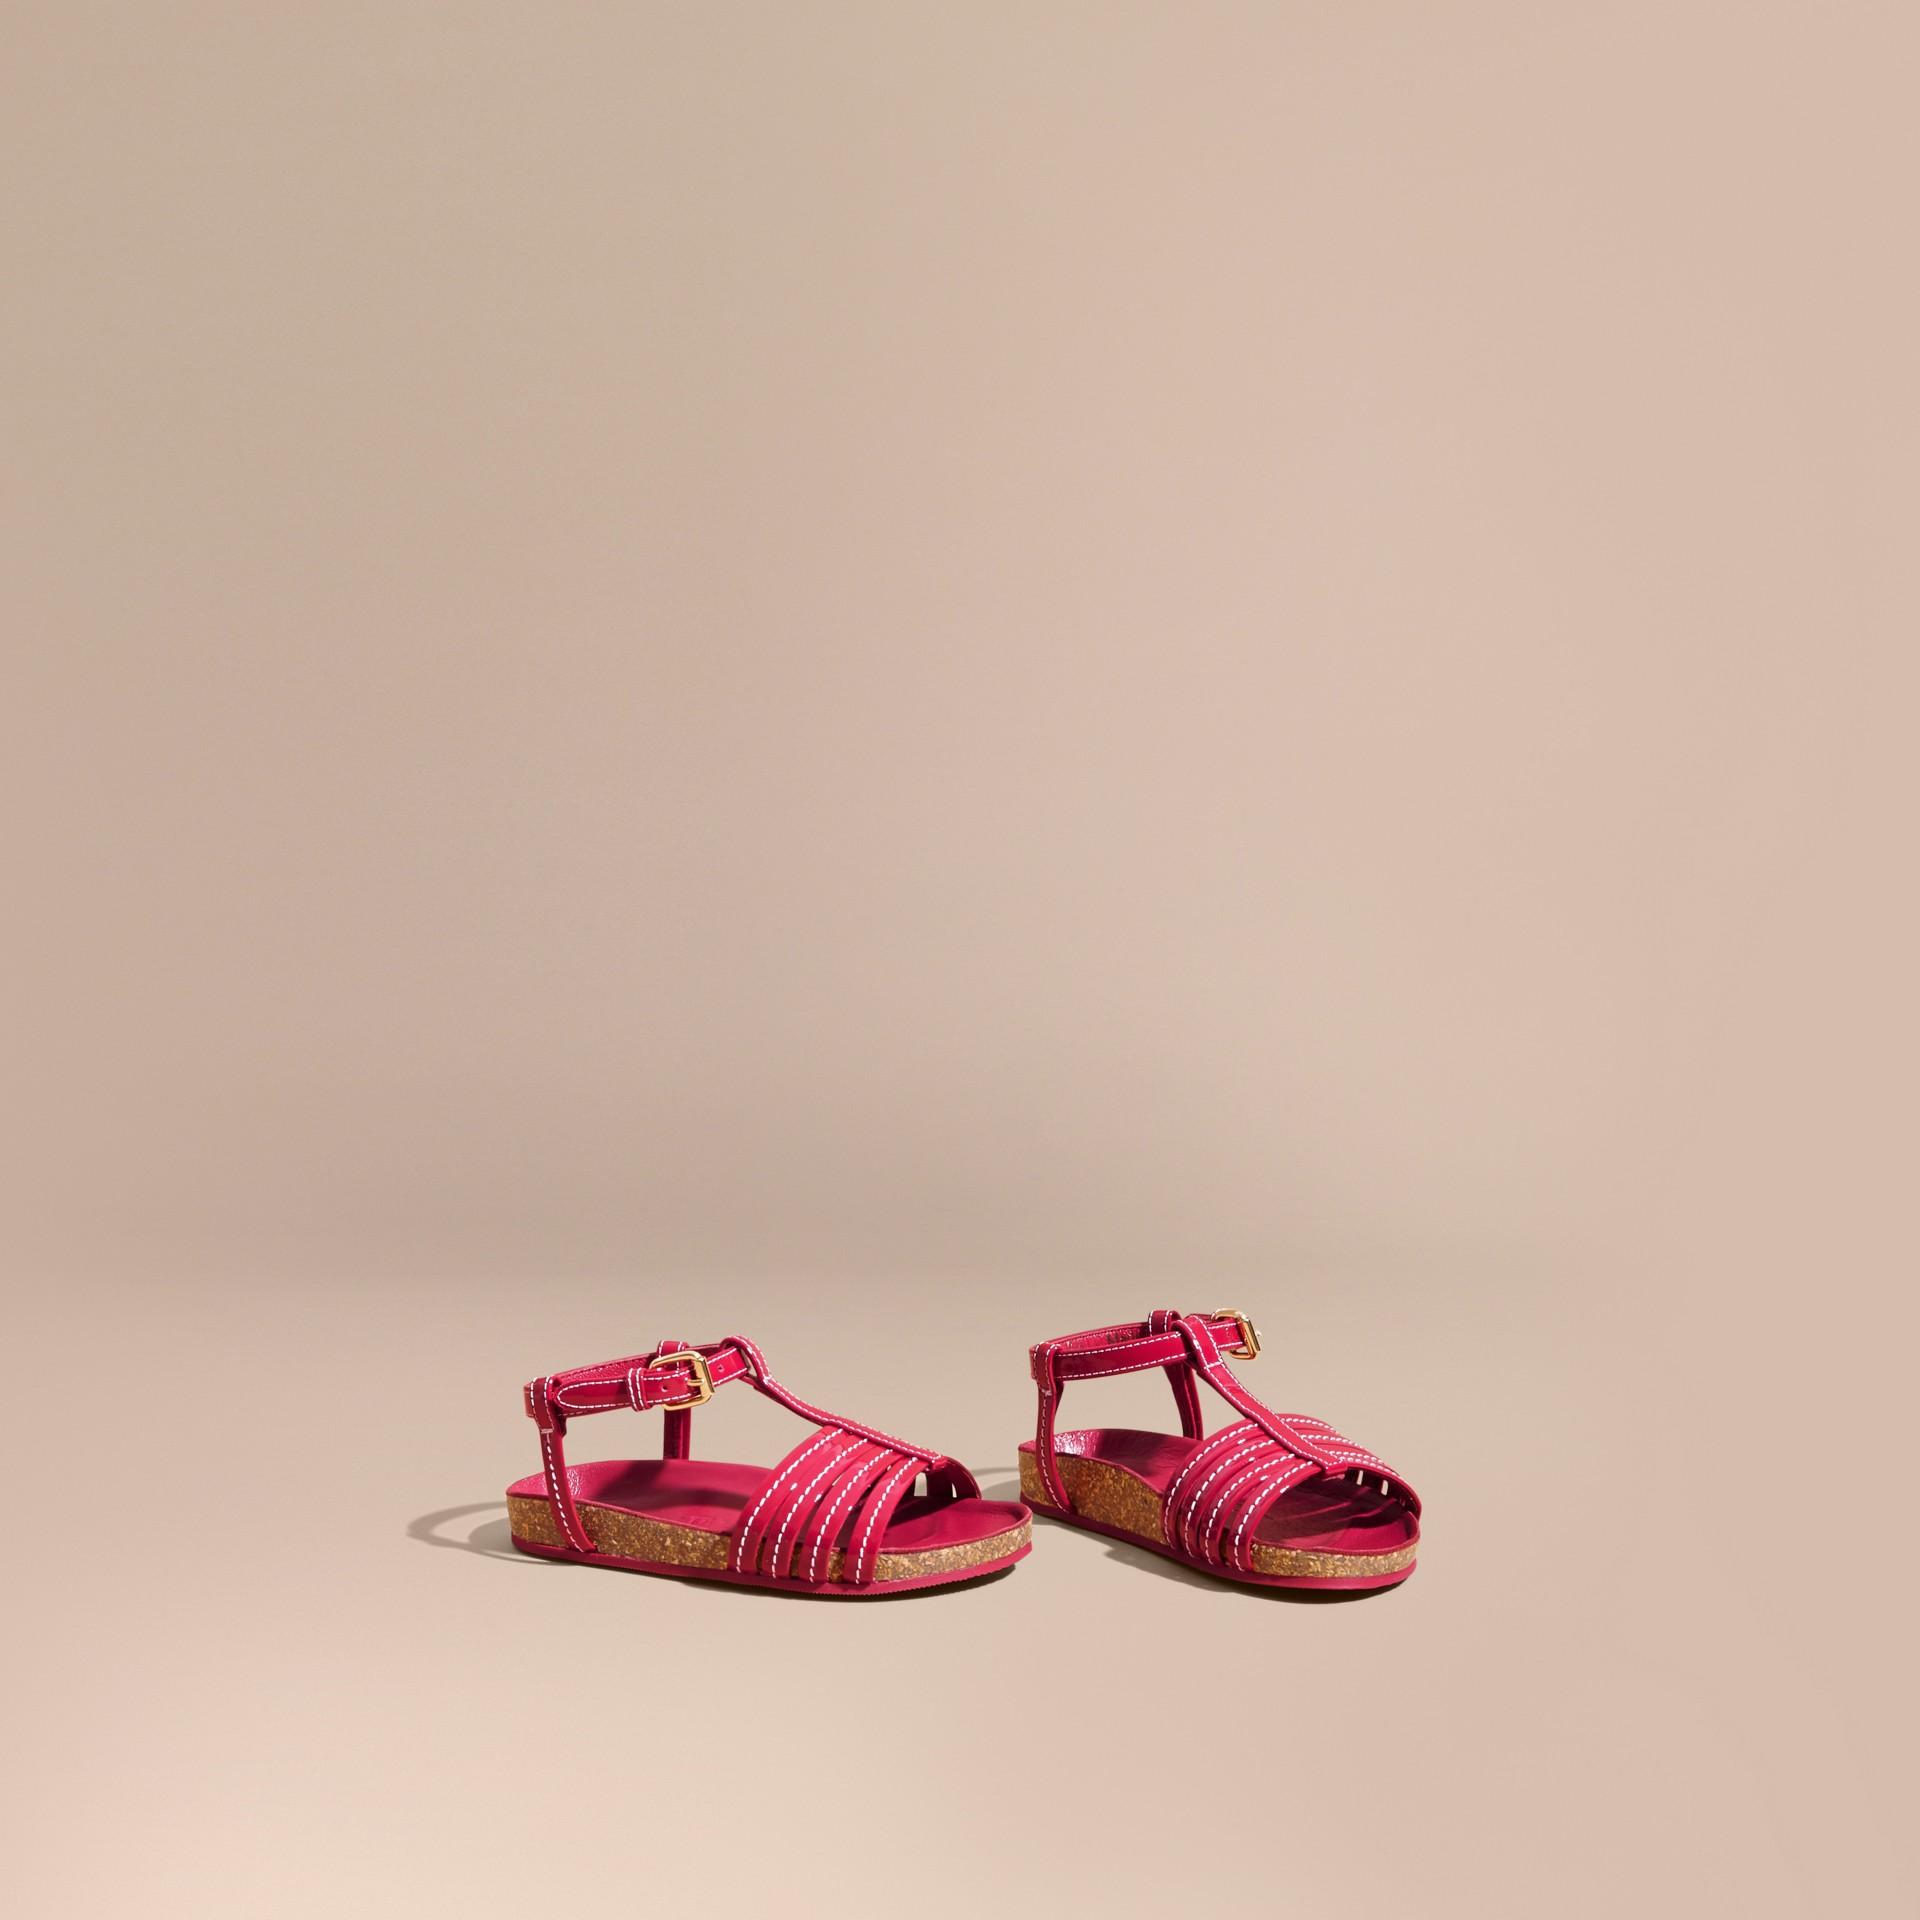 Sandales en cuir verni avec plateforme en liège | Burberry - photo de la galerie 1